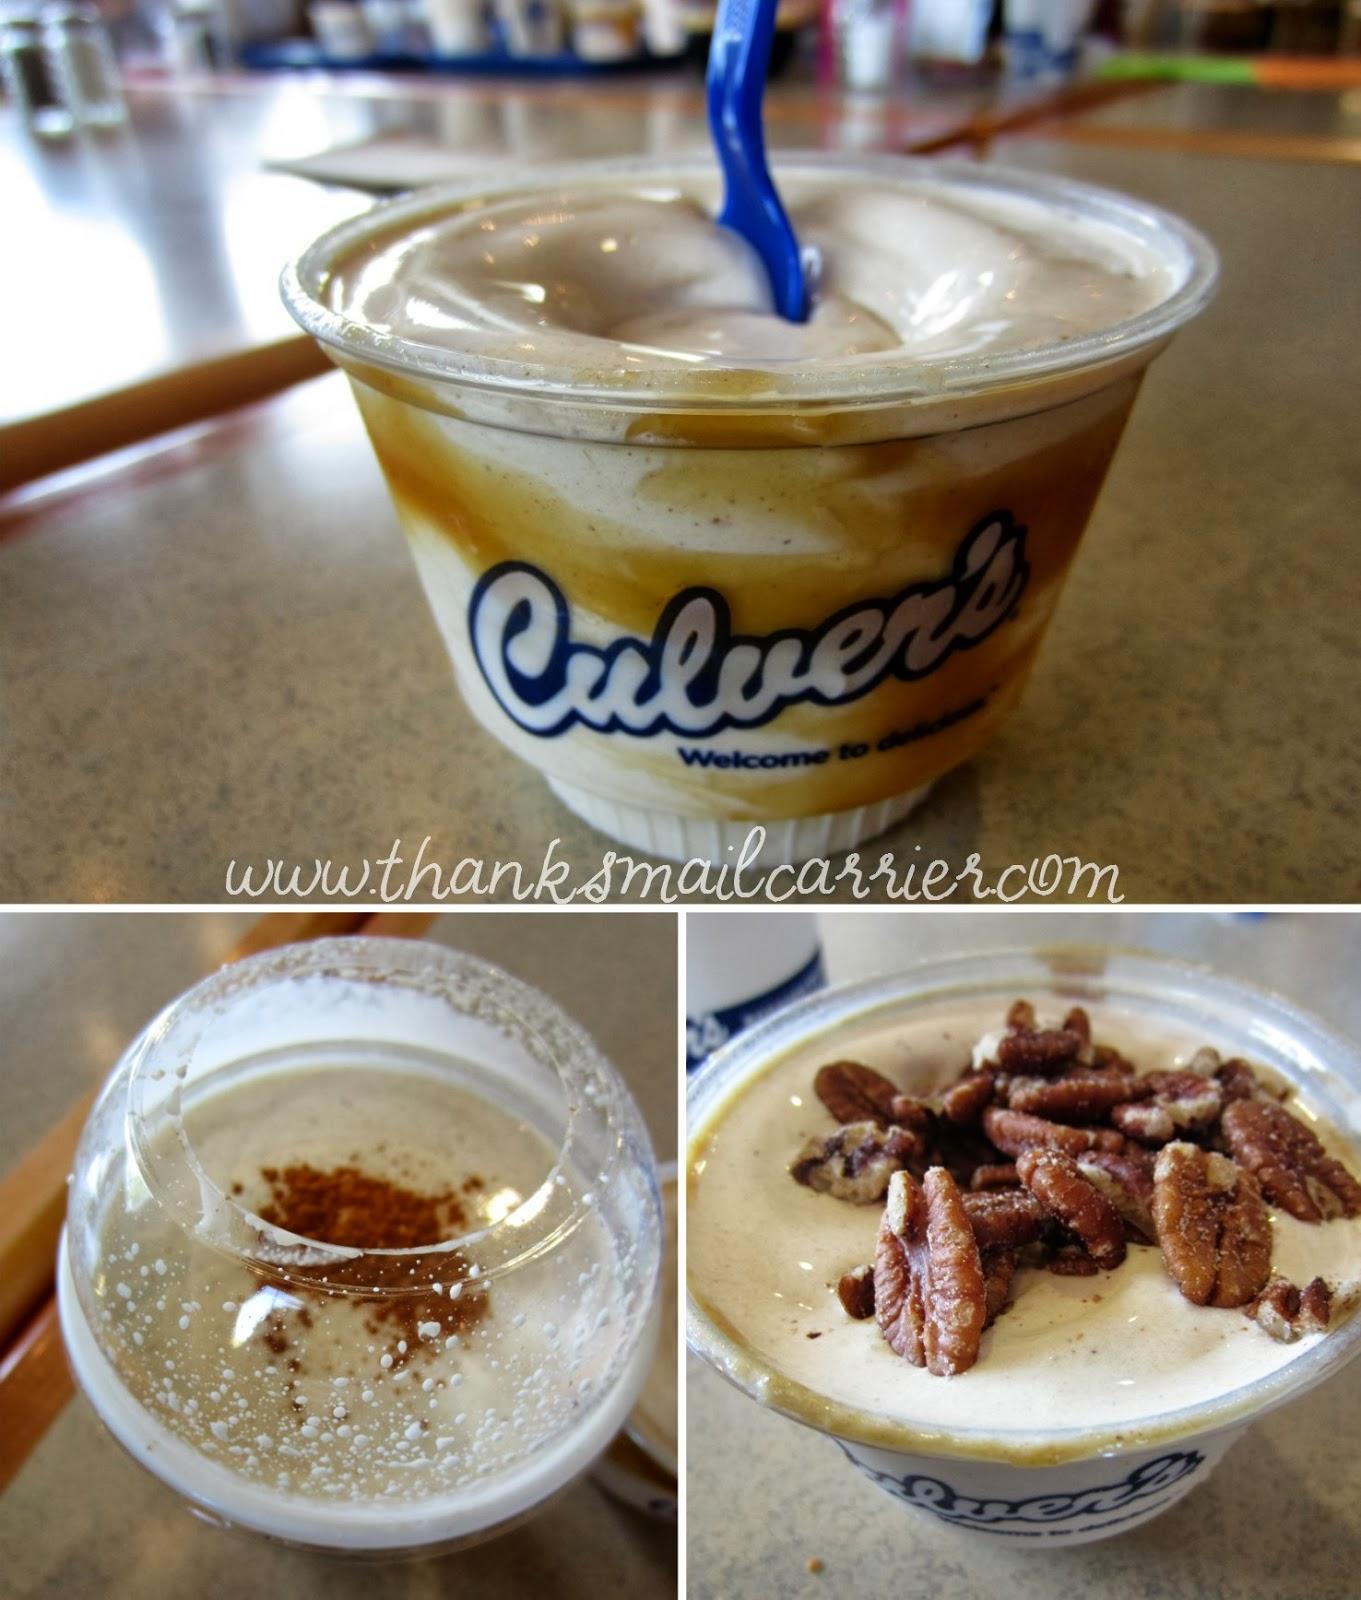 Culver's pumpkin desserts